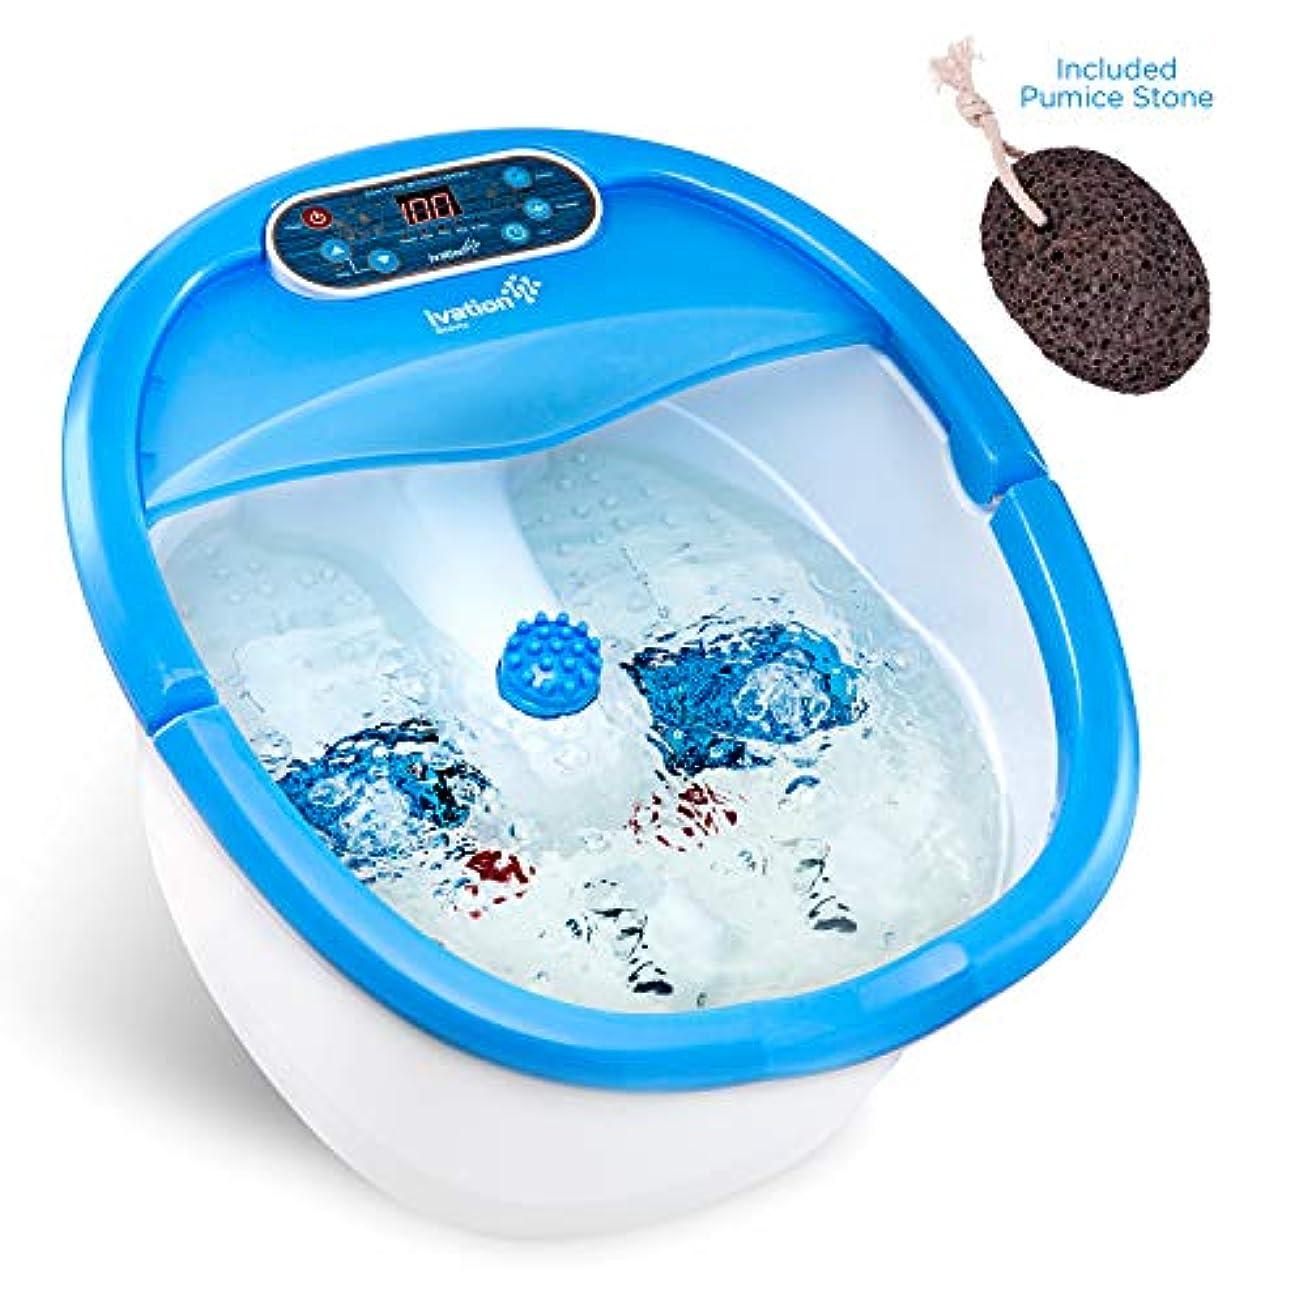 持続するレオナルドダ恩赦フォットスパ マッサージャー Ivation Foot Spa Massager - Heated Bath, Automatic Massage Rollers, Vibration, Bubbles, Digital...